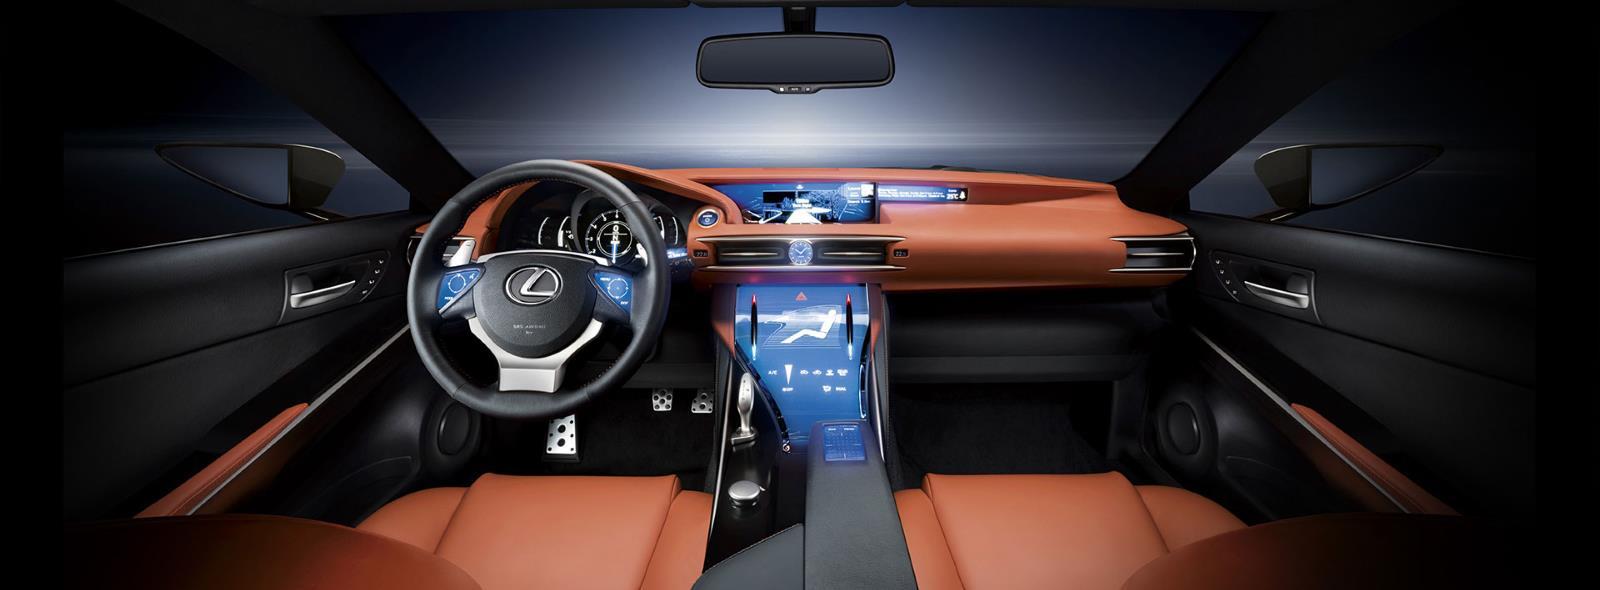 Lexus LF CC Concept avtomobilinin interyer görüntüsü